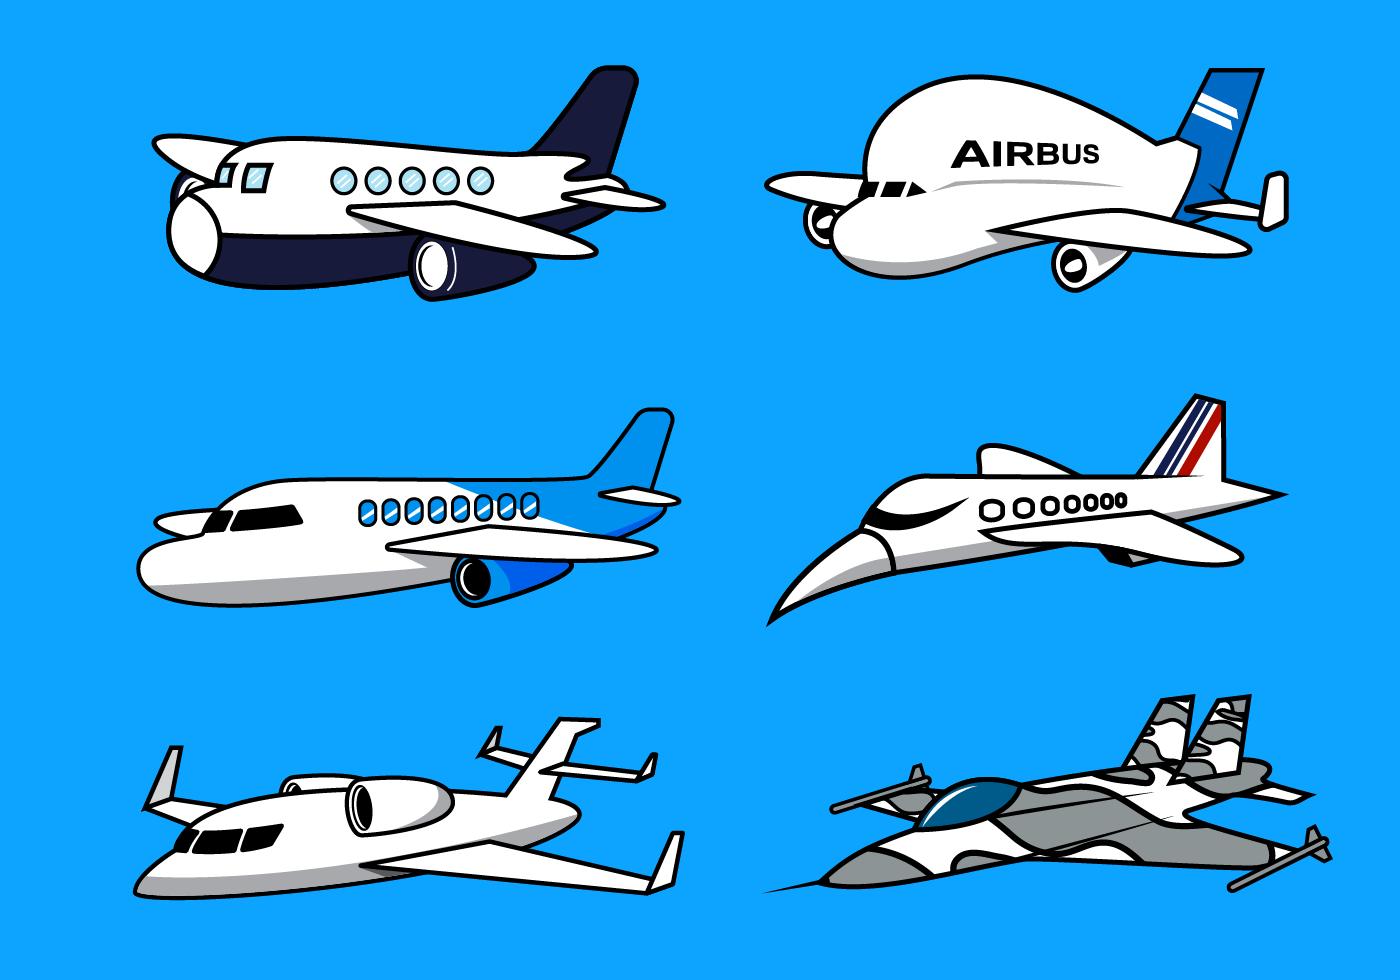 飛機卡通 免費下載 | 天天瘋後製